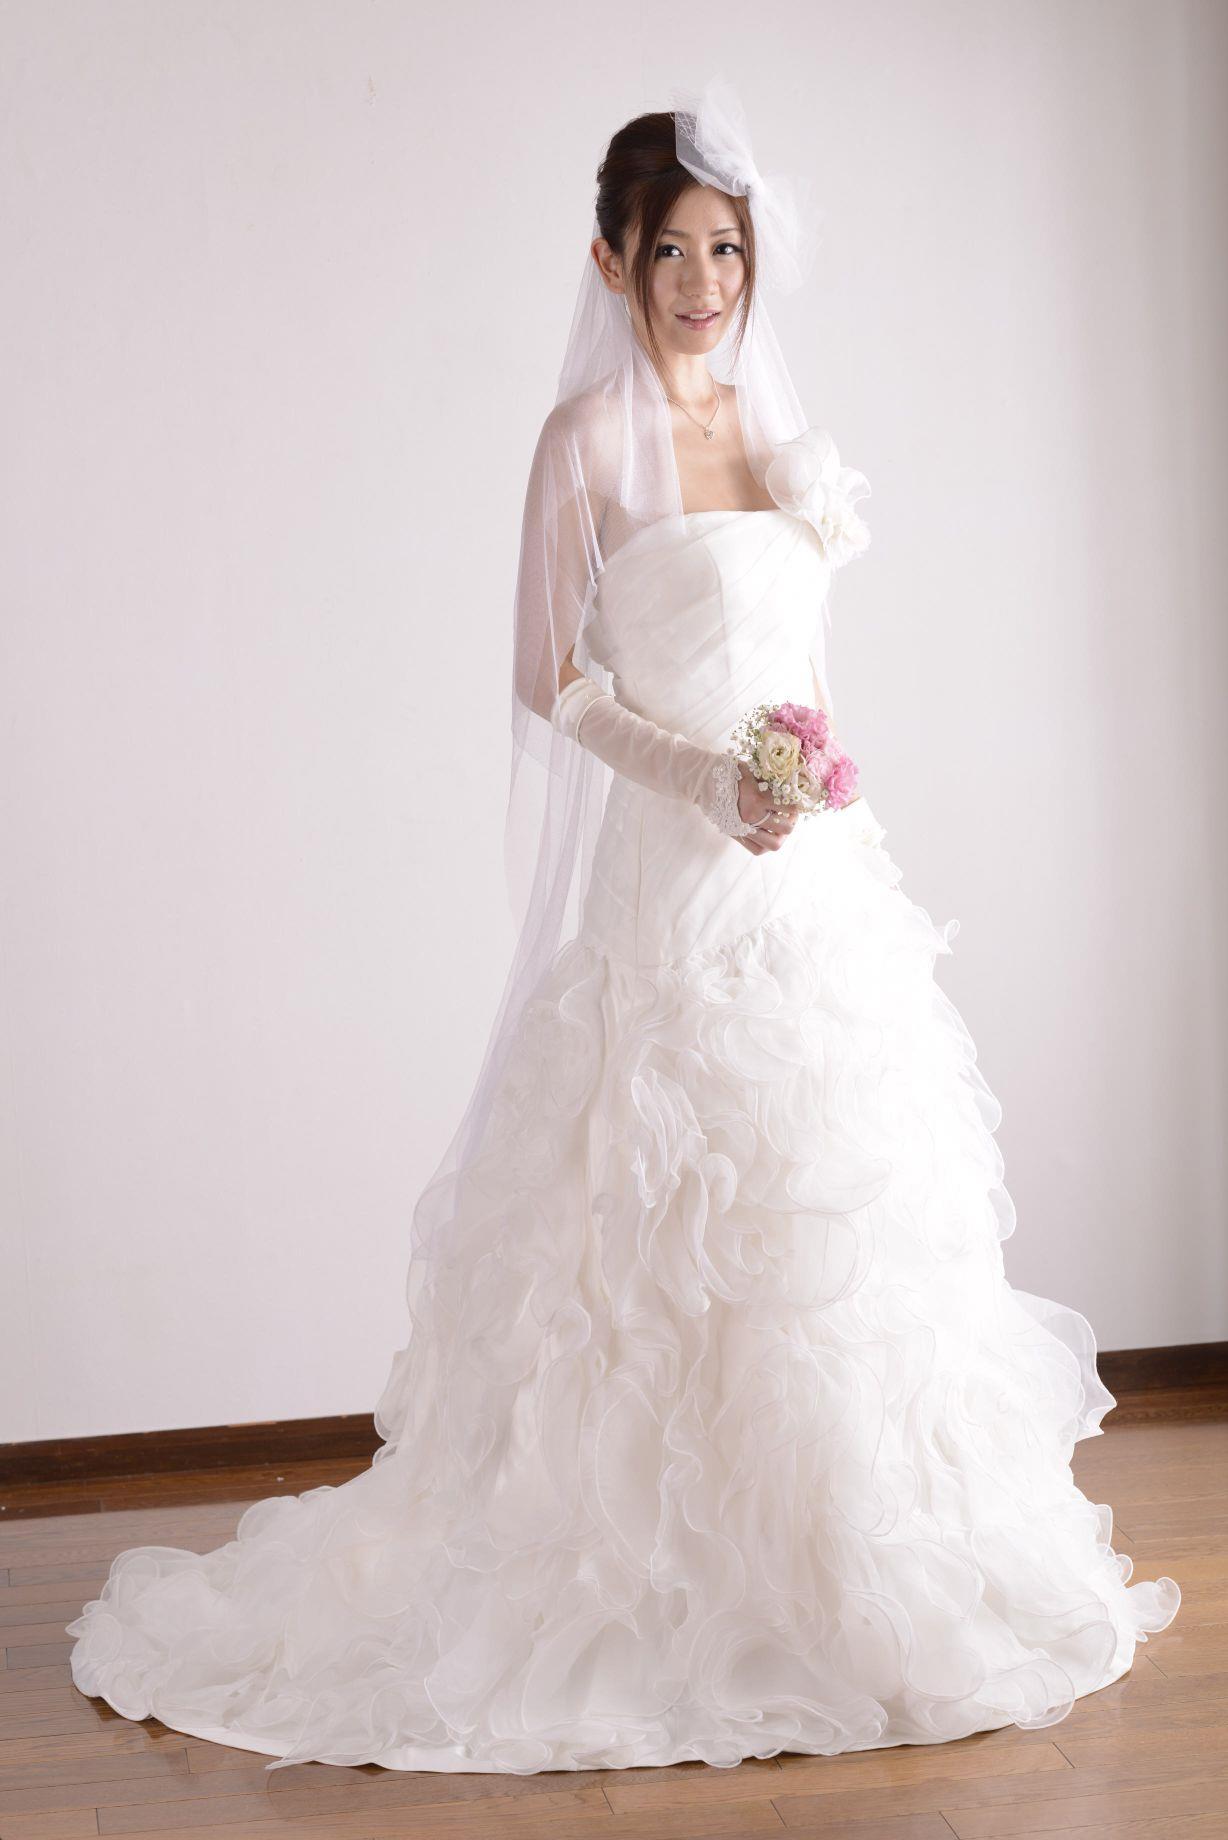 前田かおり ウェディングドレス画像 29